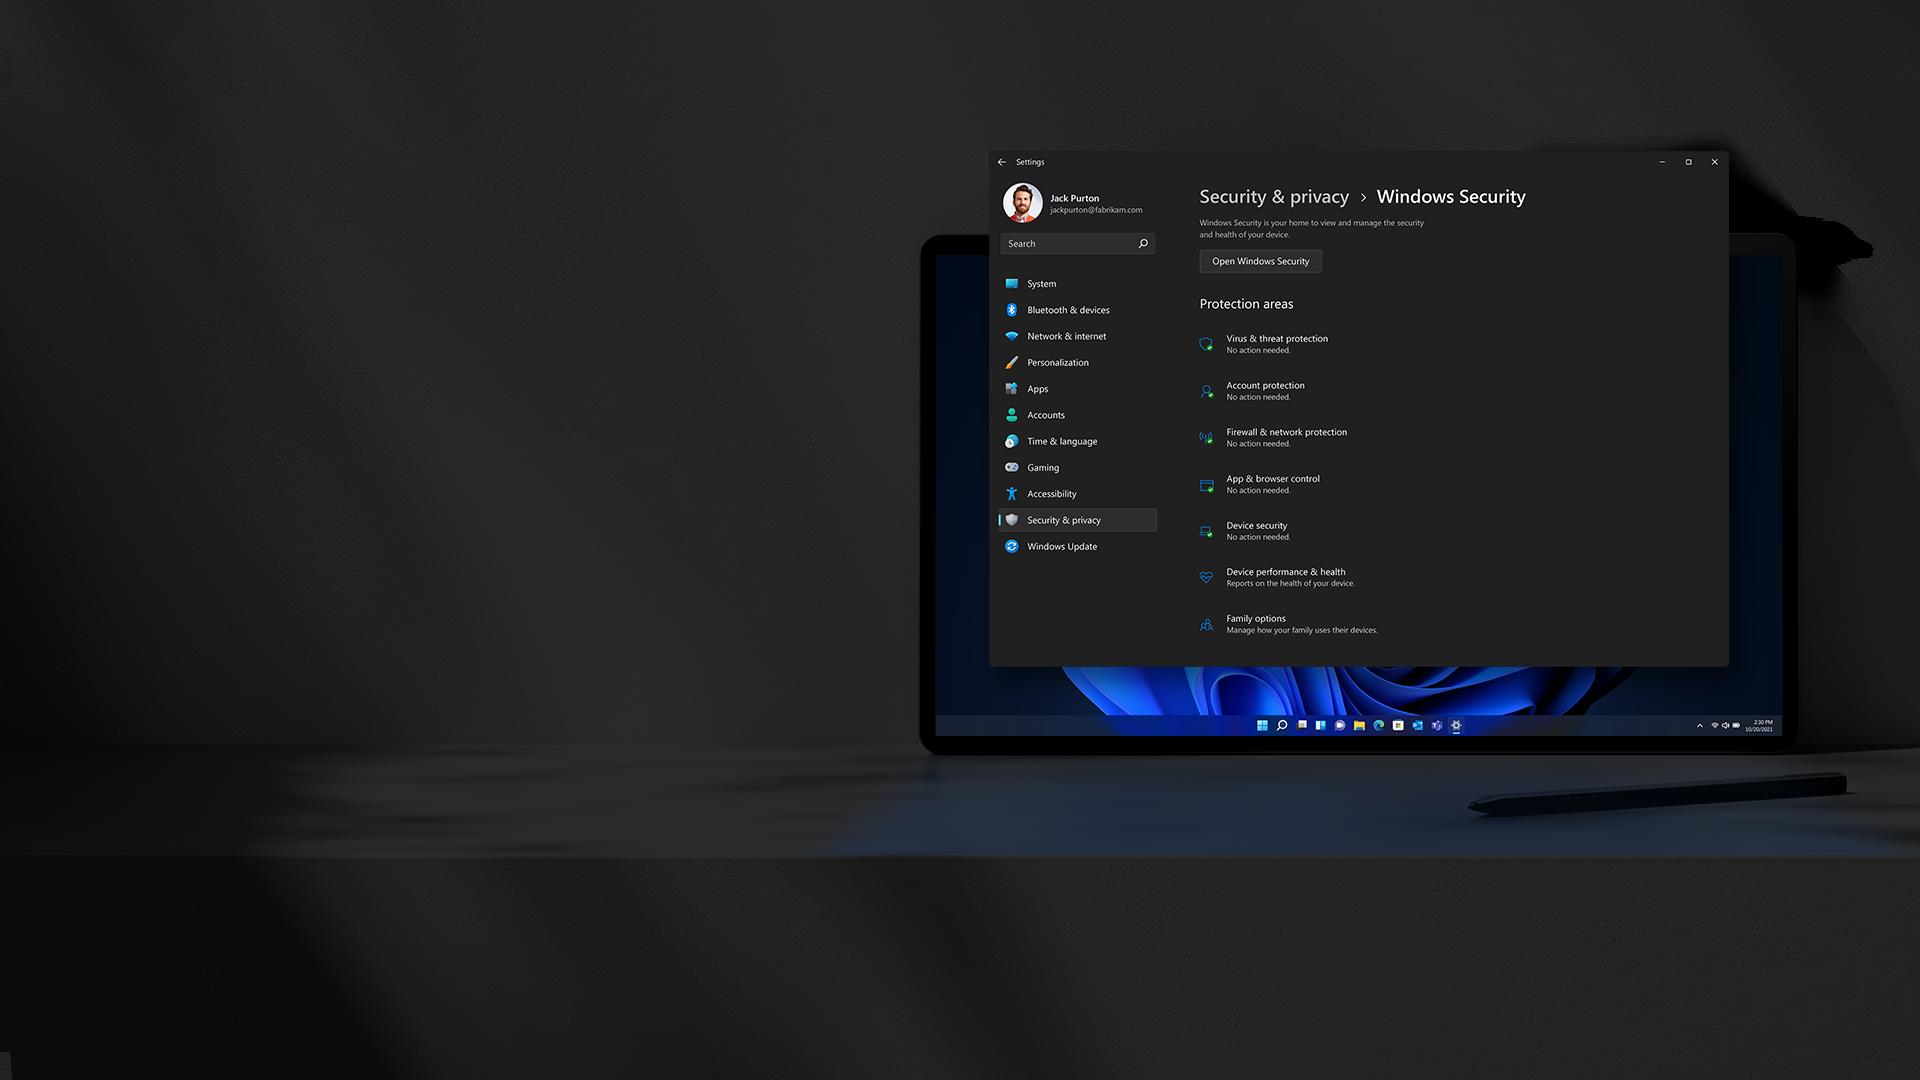 Écran de sécurité Windows11 sur un appareil Windows